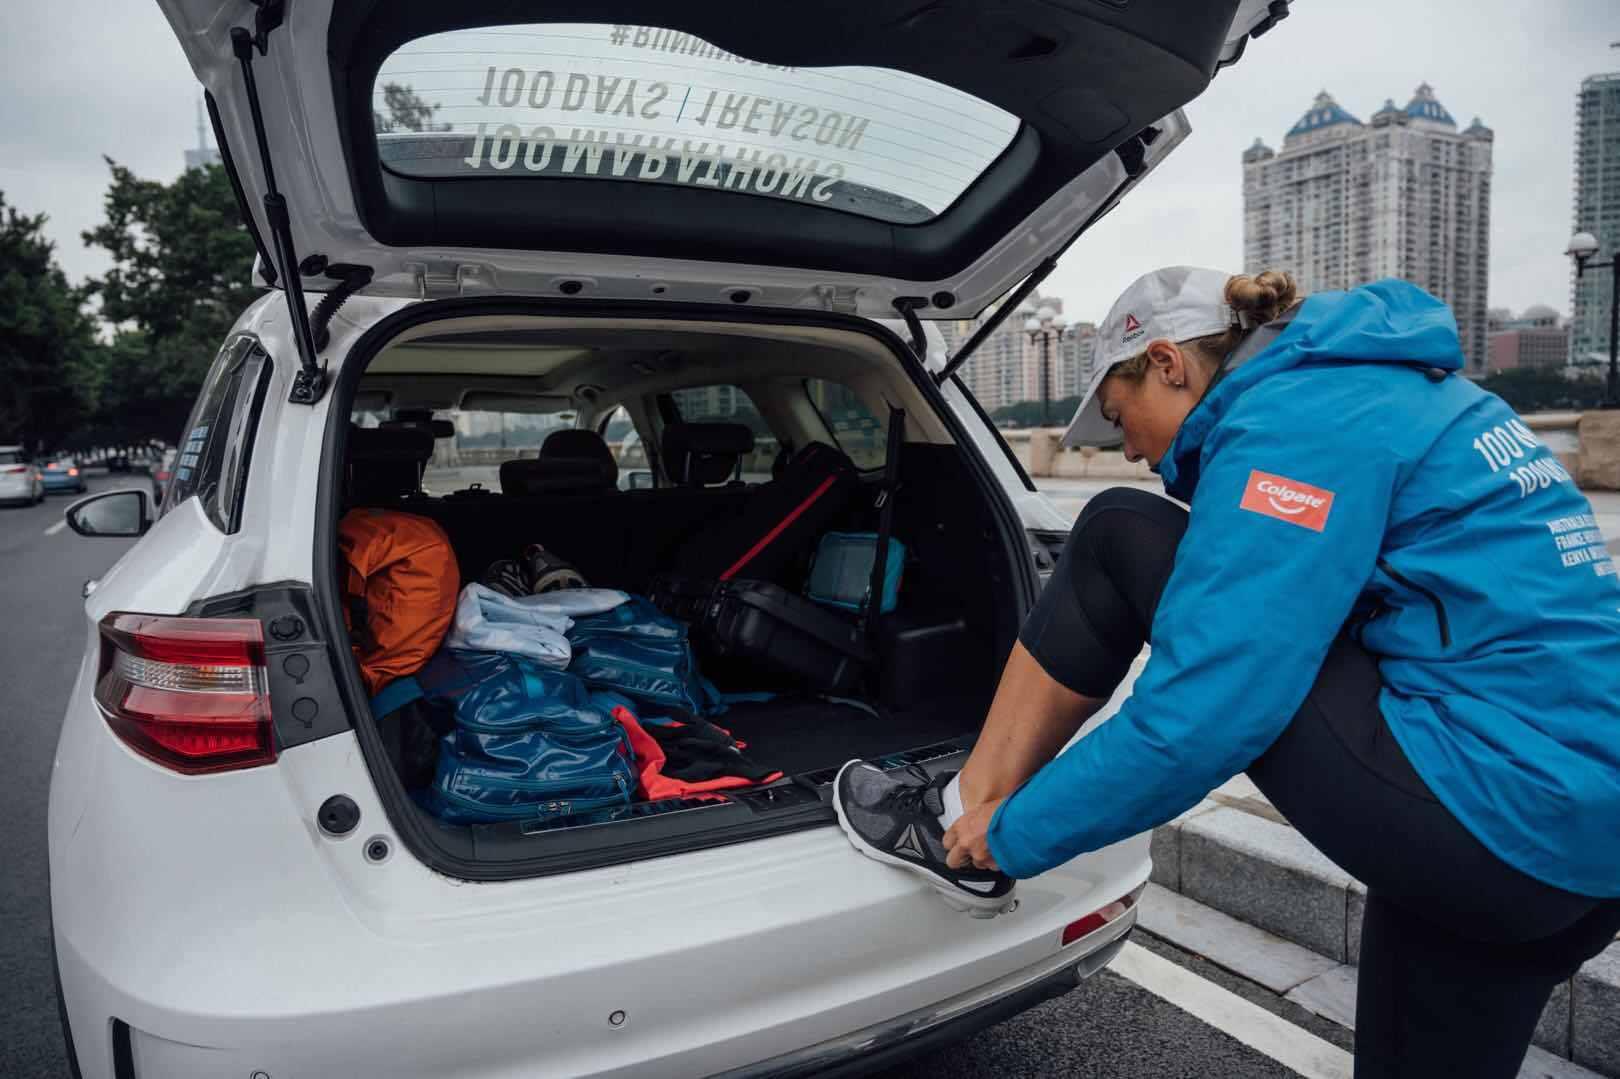 君马汽车携手THIRST节水公益组织:以梦为马,为水而跑